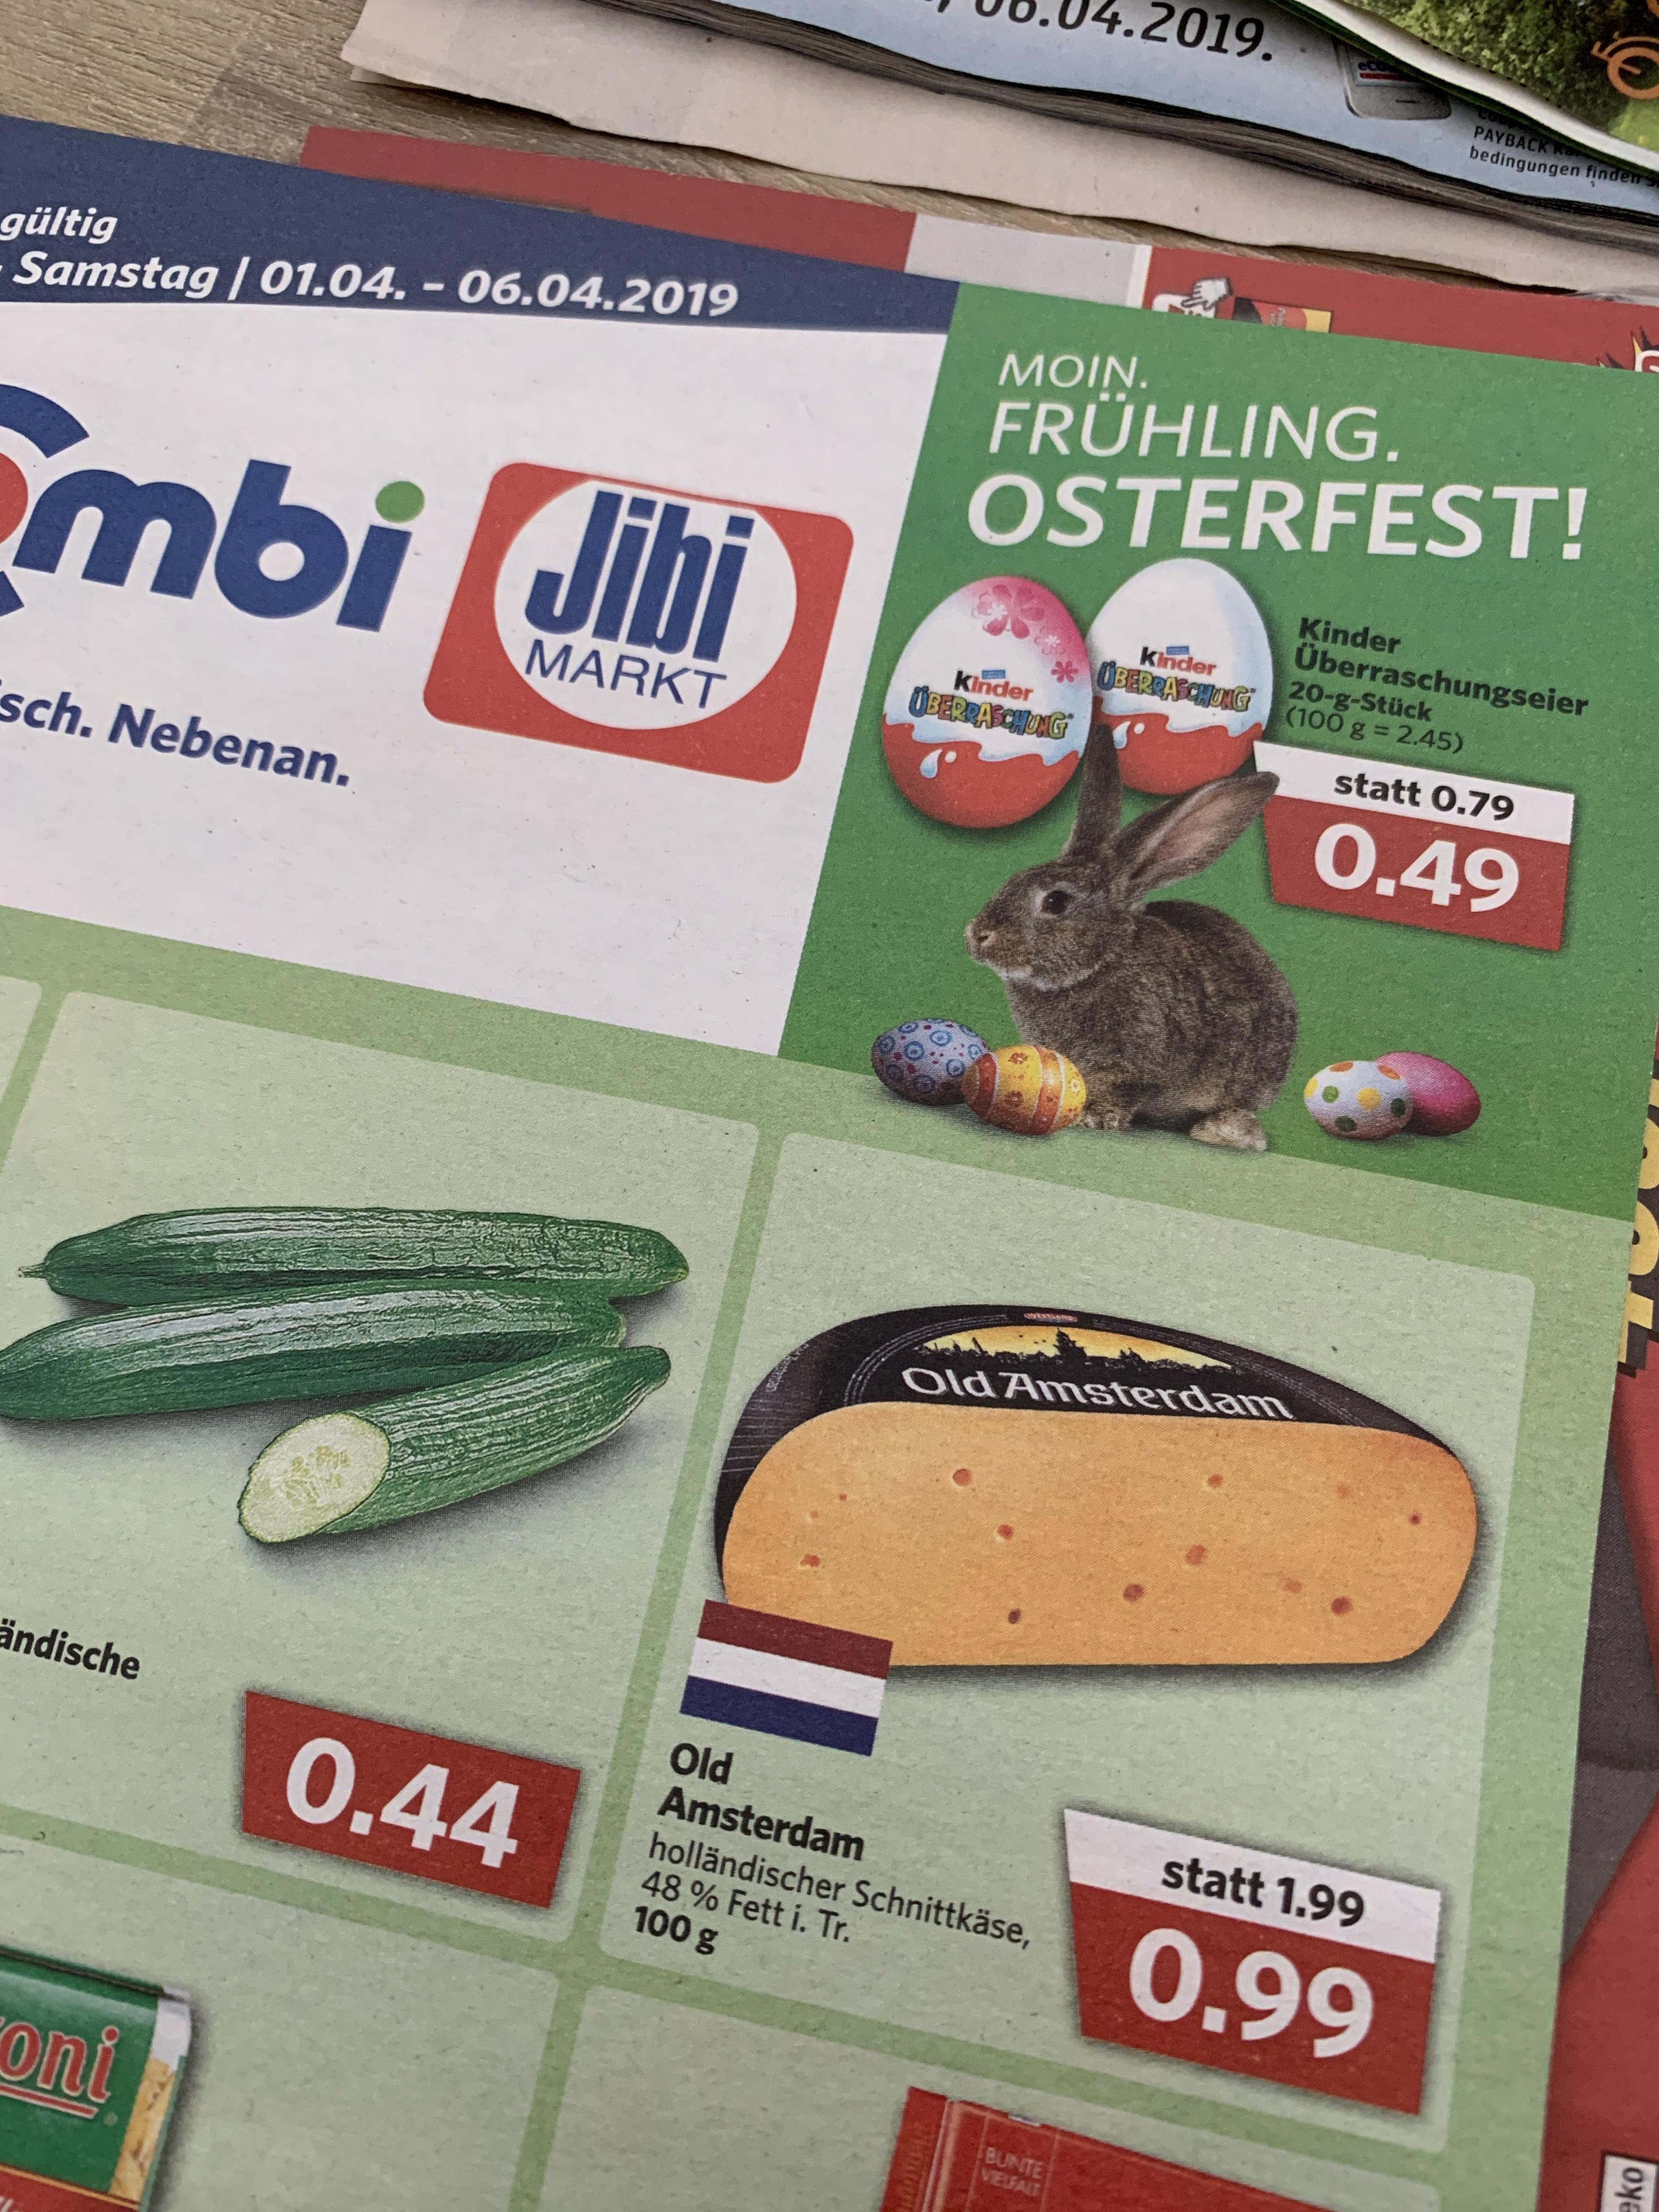 Old Amsterdam Käse bei Combi und Jibi